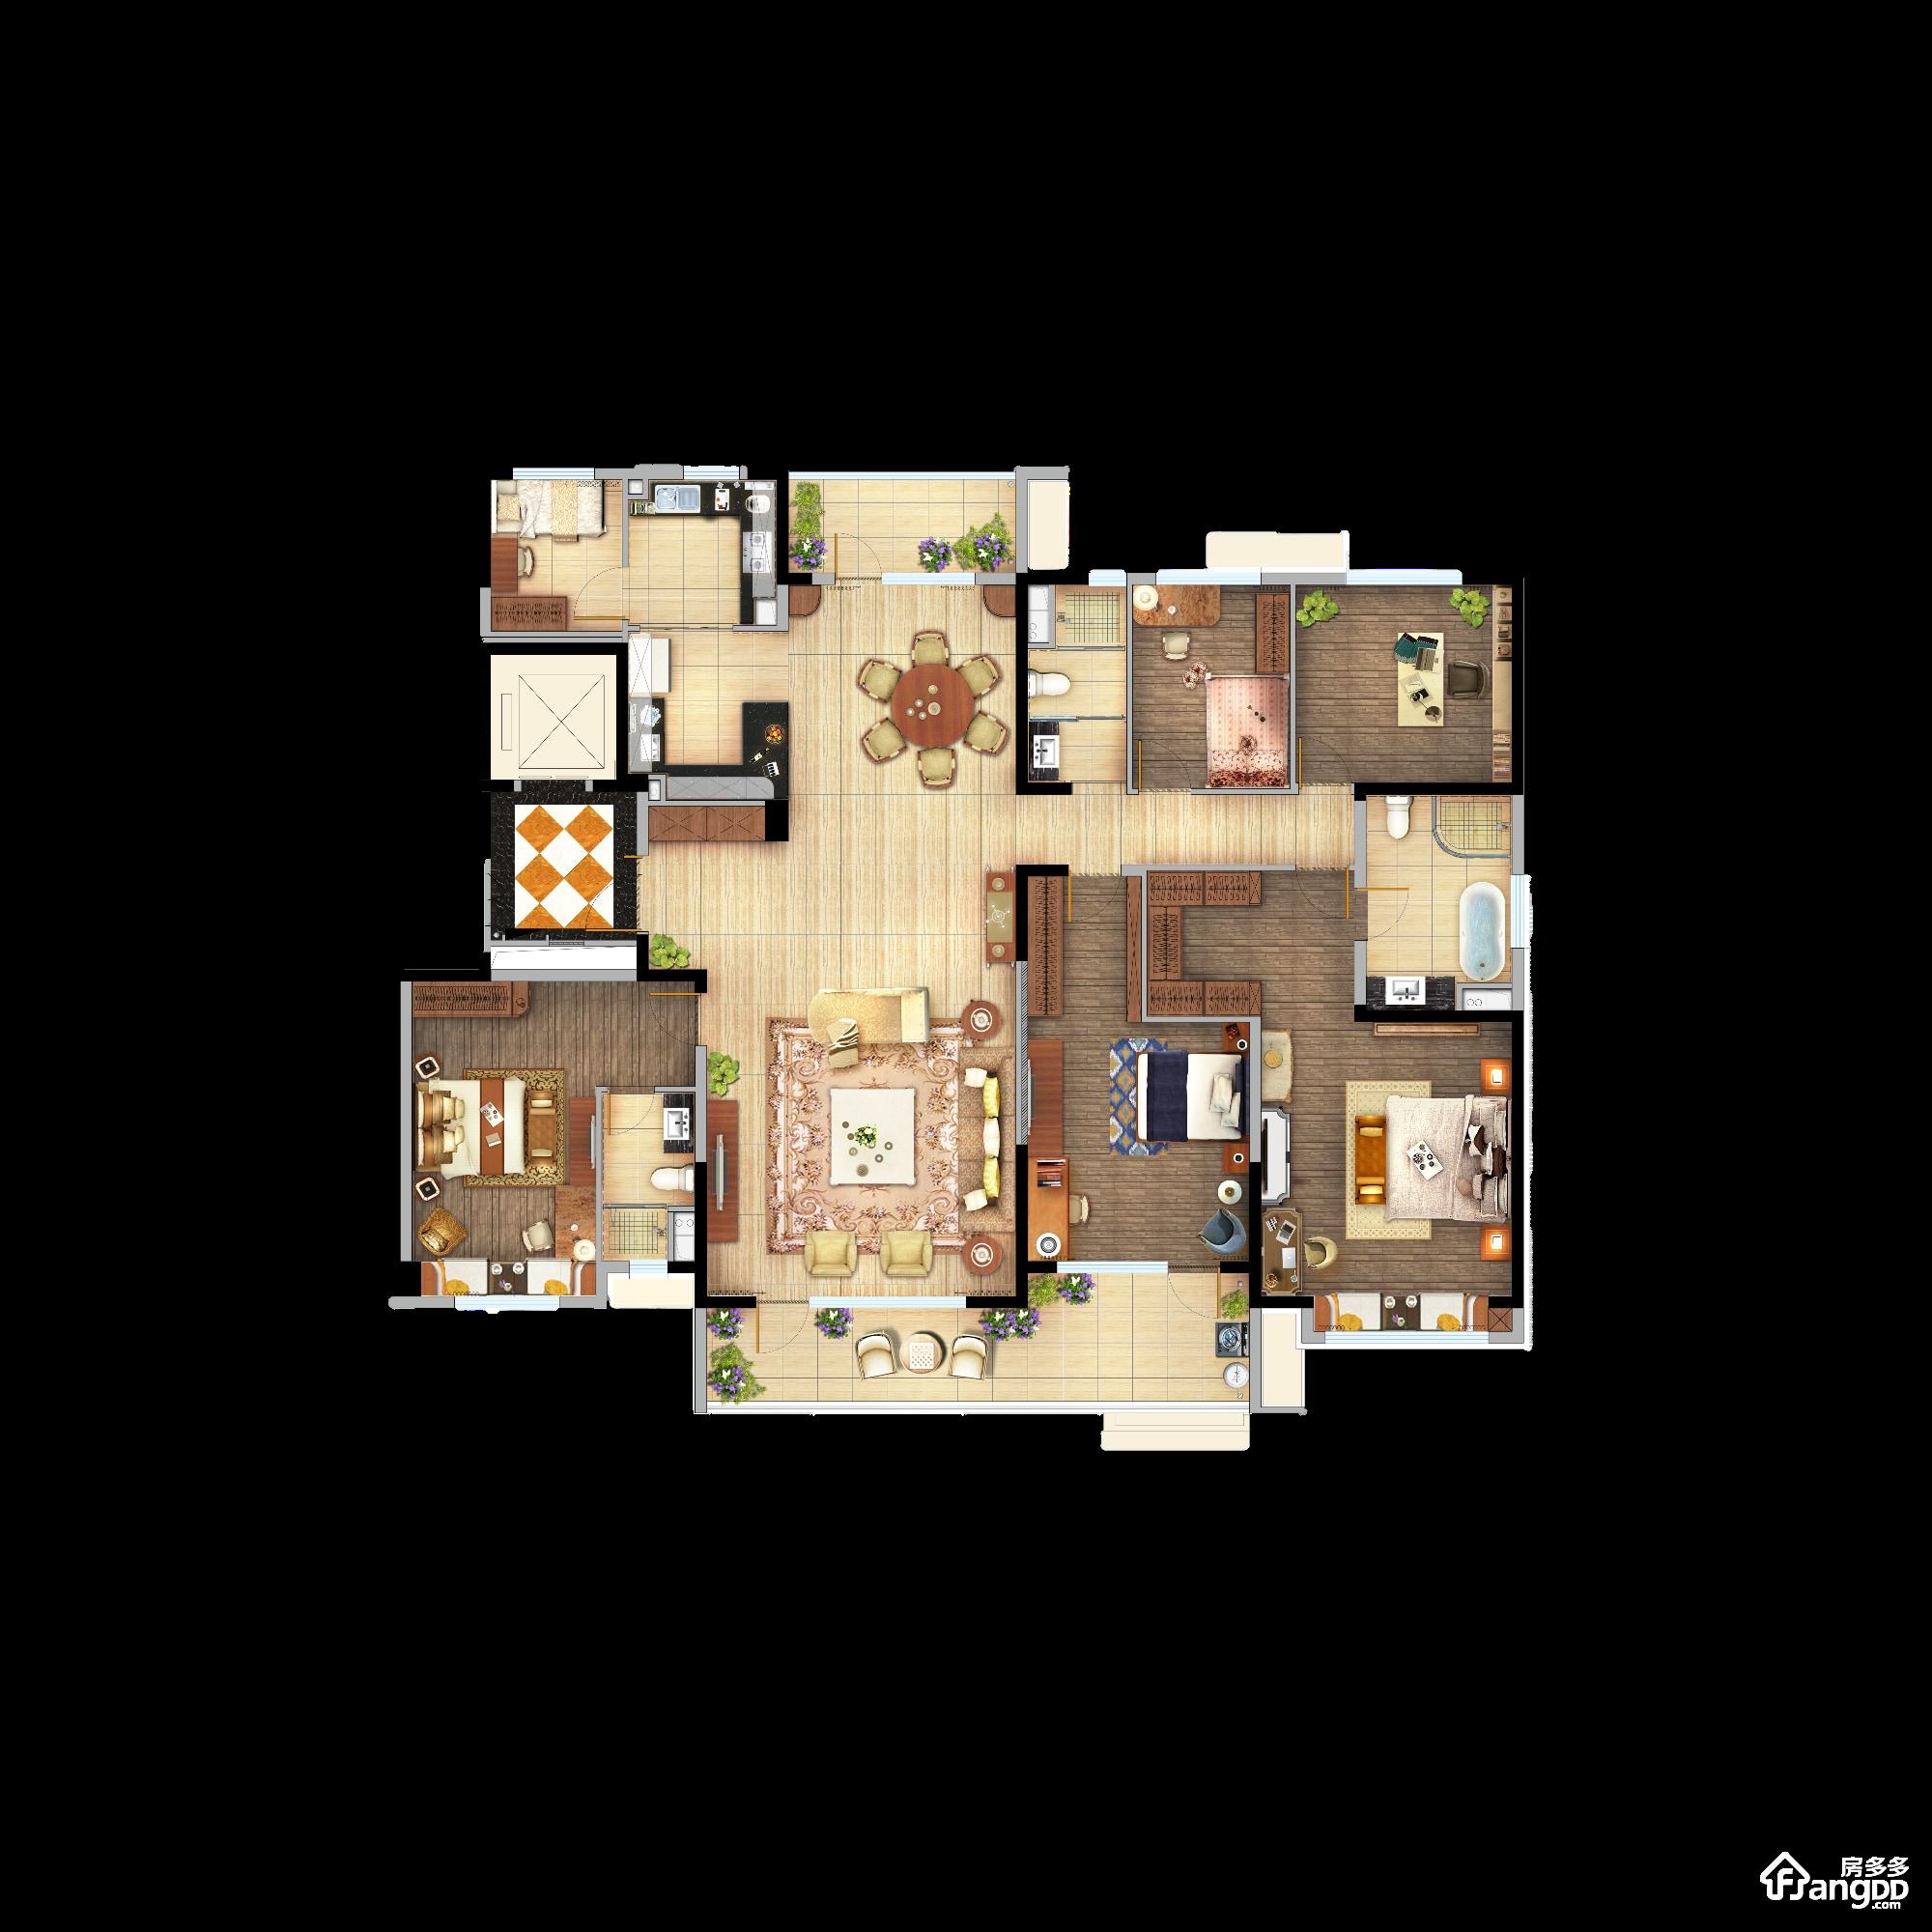 碧桂园玖州府2室1厅1卫户型图